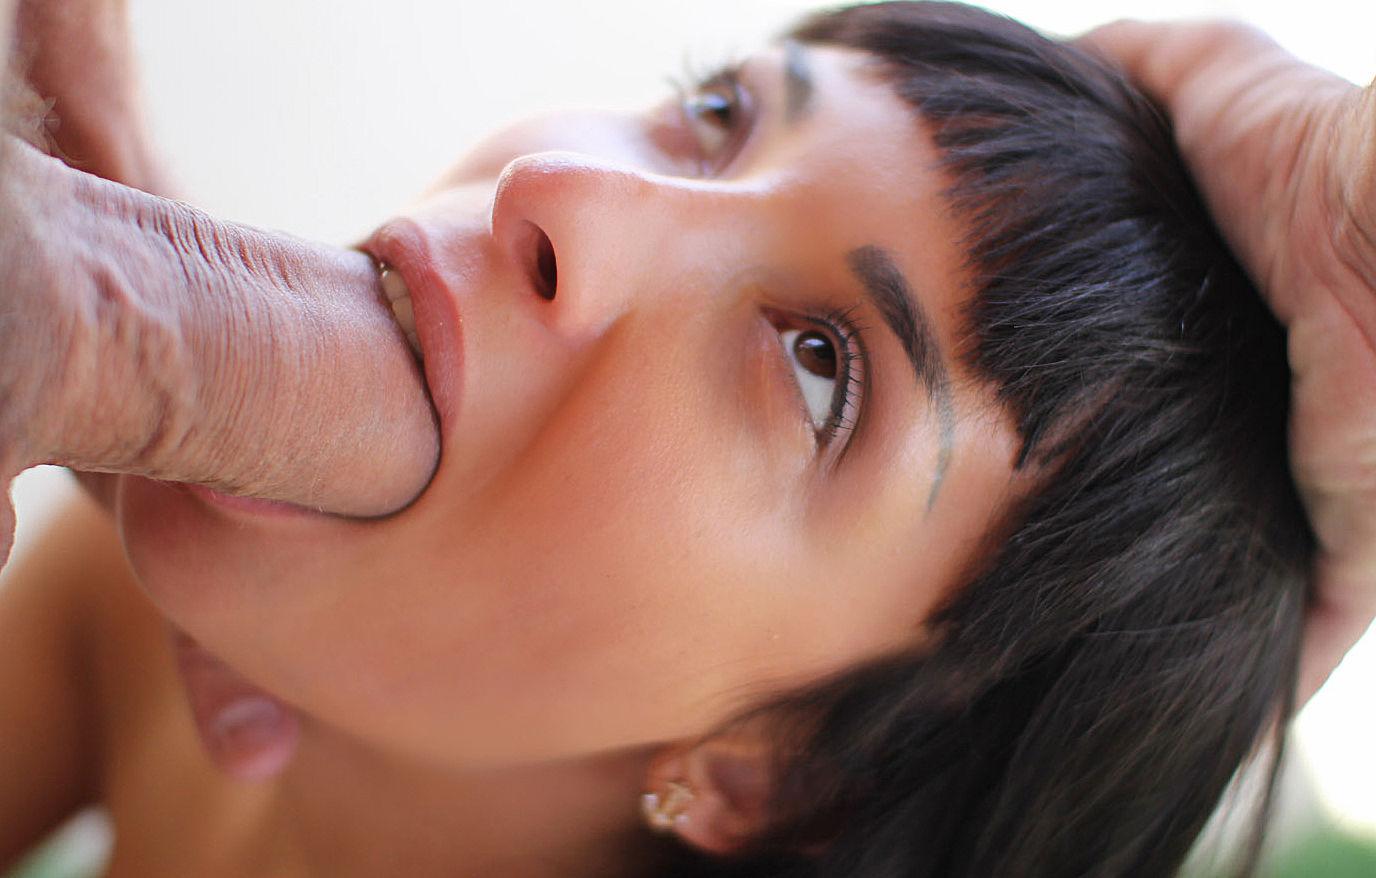 Члены минет крупным планом, Минет крупный план Vulgar Moms 3 фотография